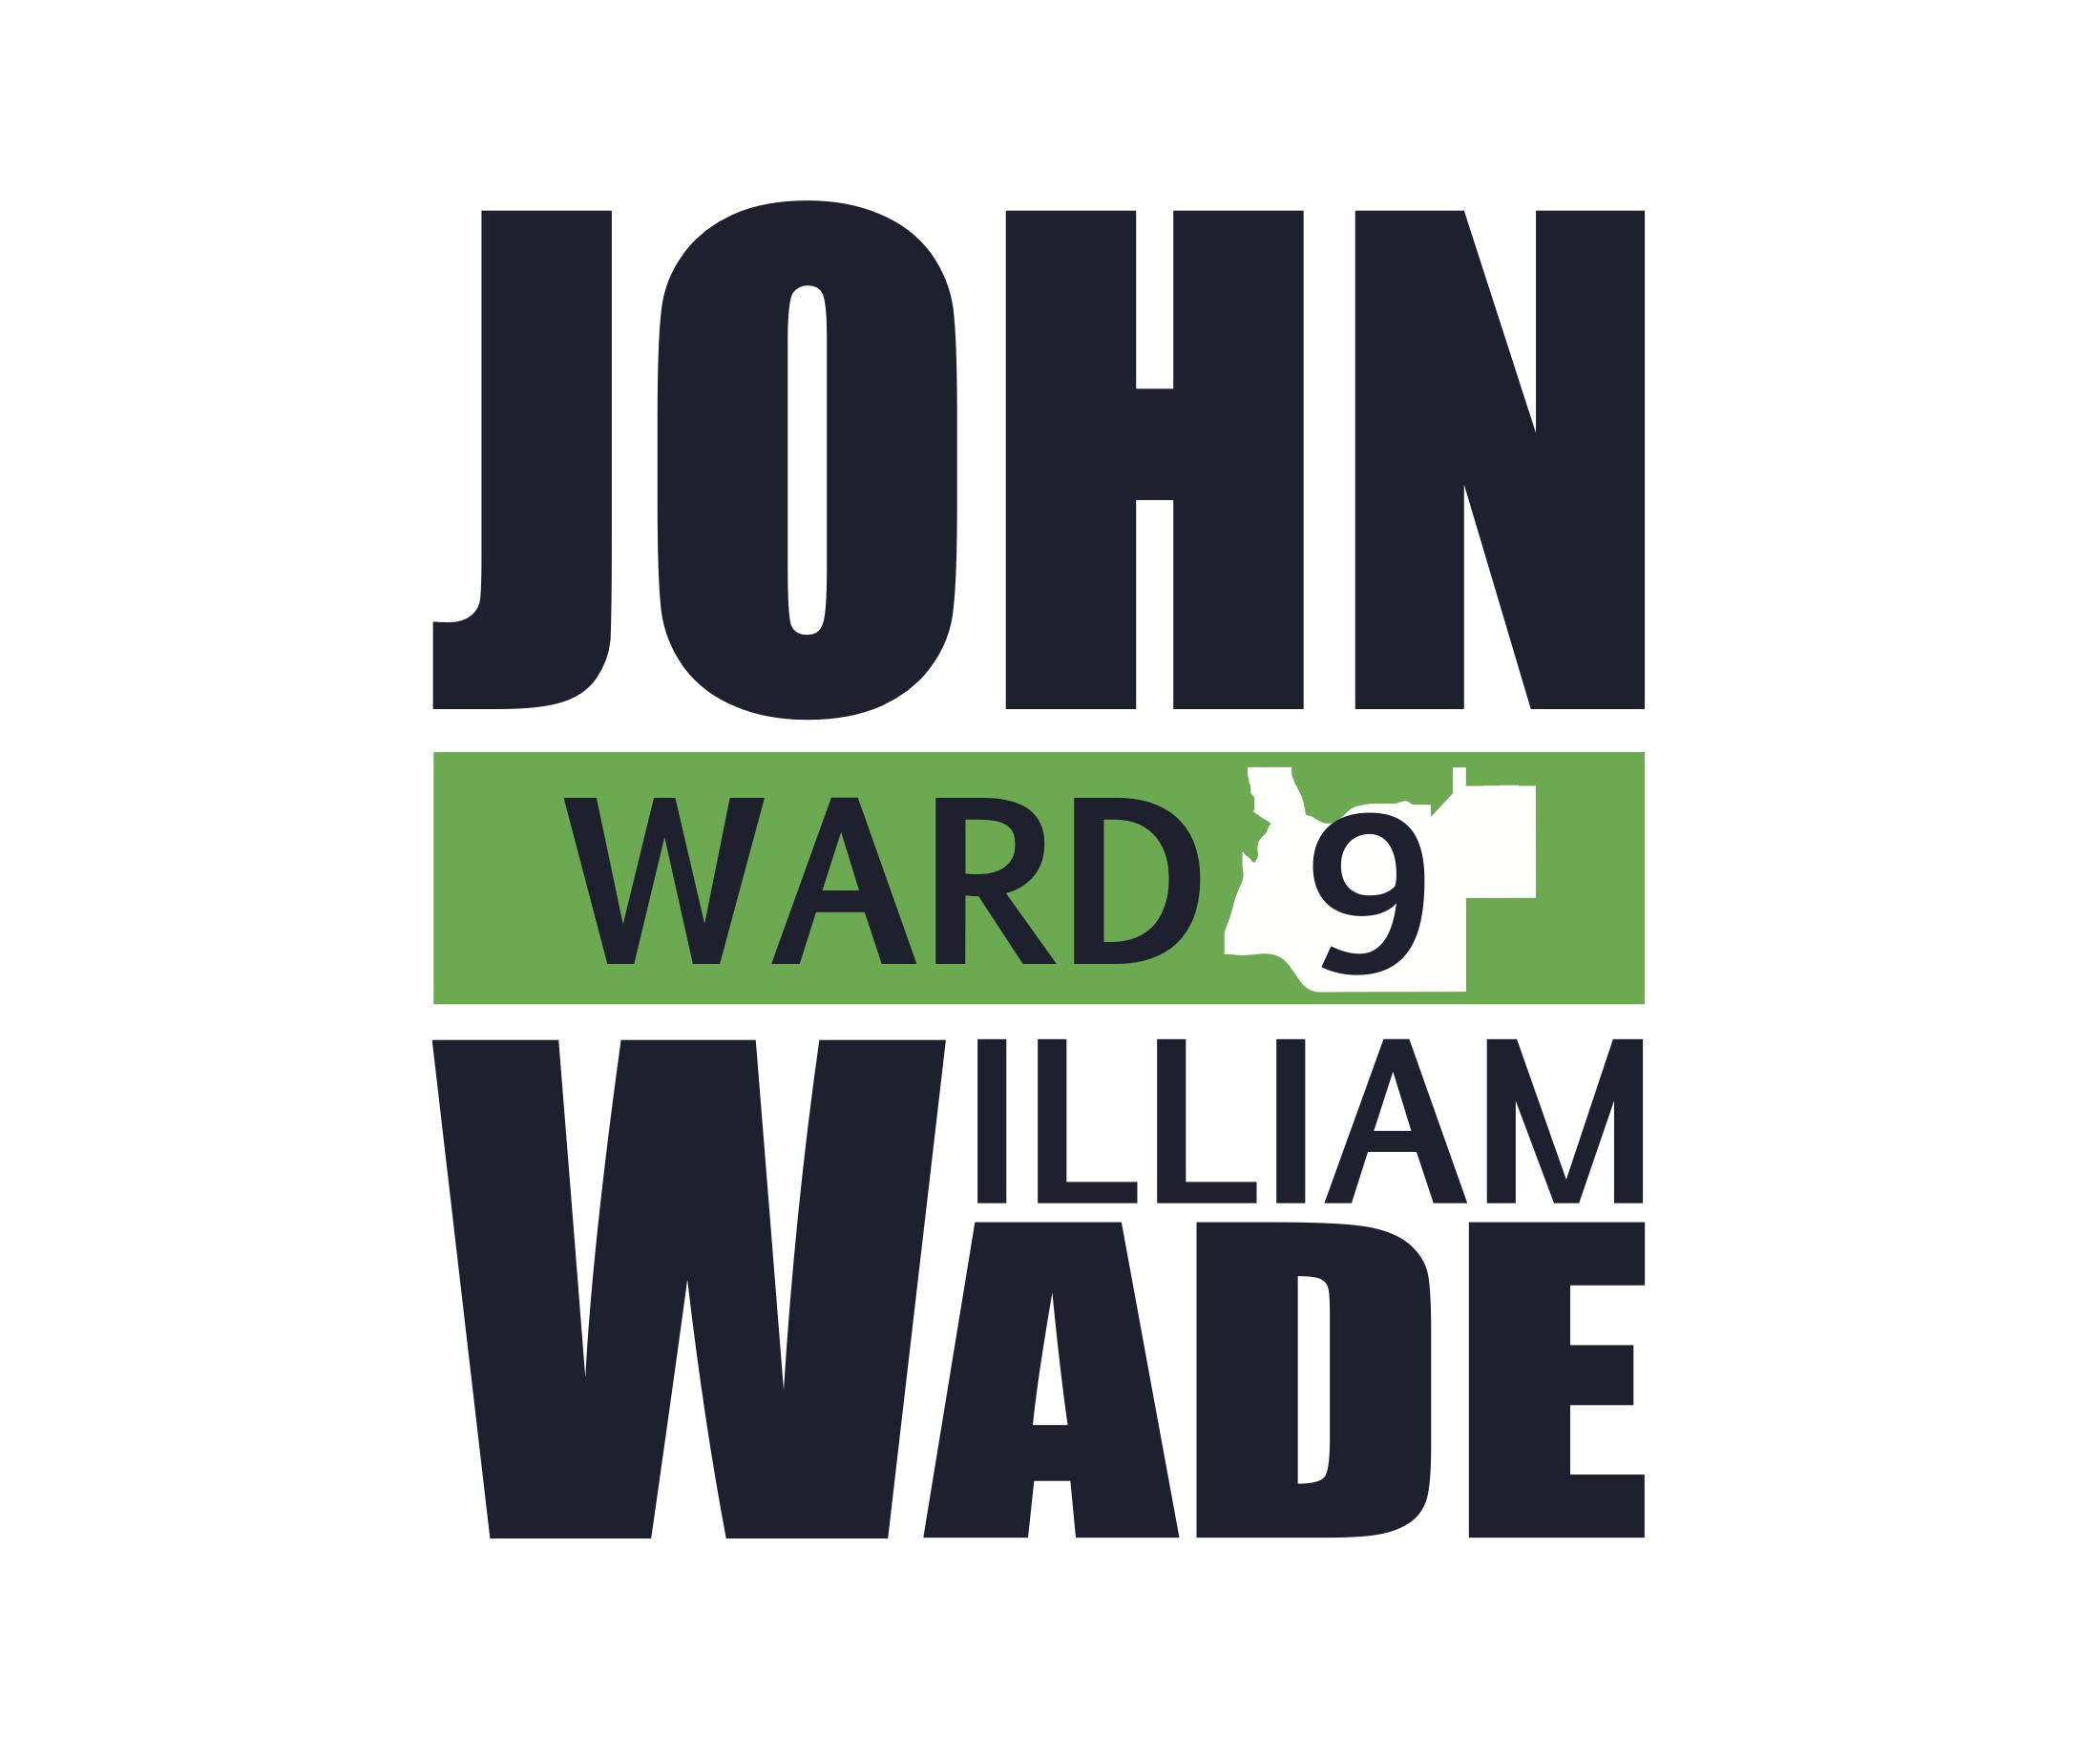 Wade For Ward 9